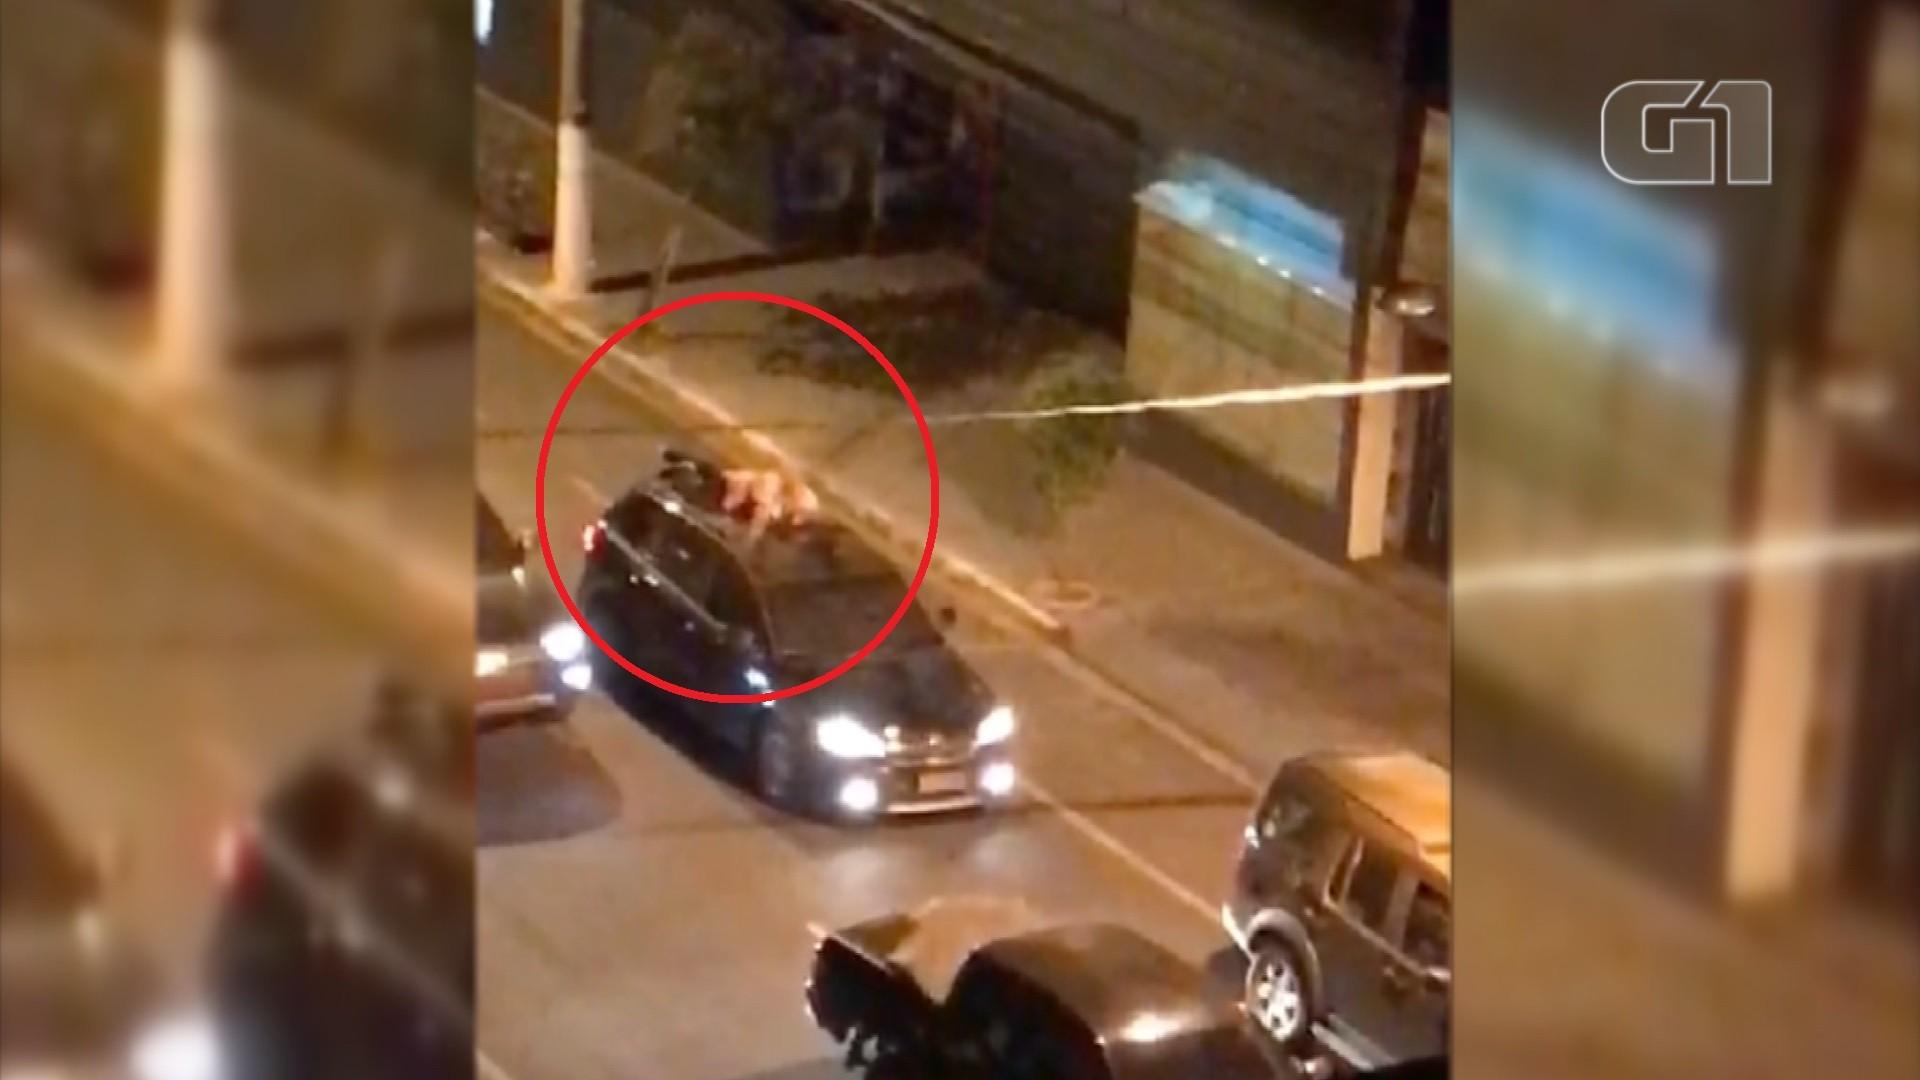 Refém relata pânico ao ver filho como 'escudo humano' em teto de carro durante assalto a banco: 'Terror'